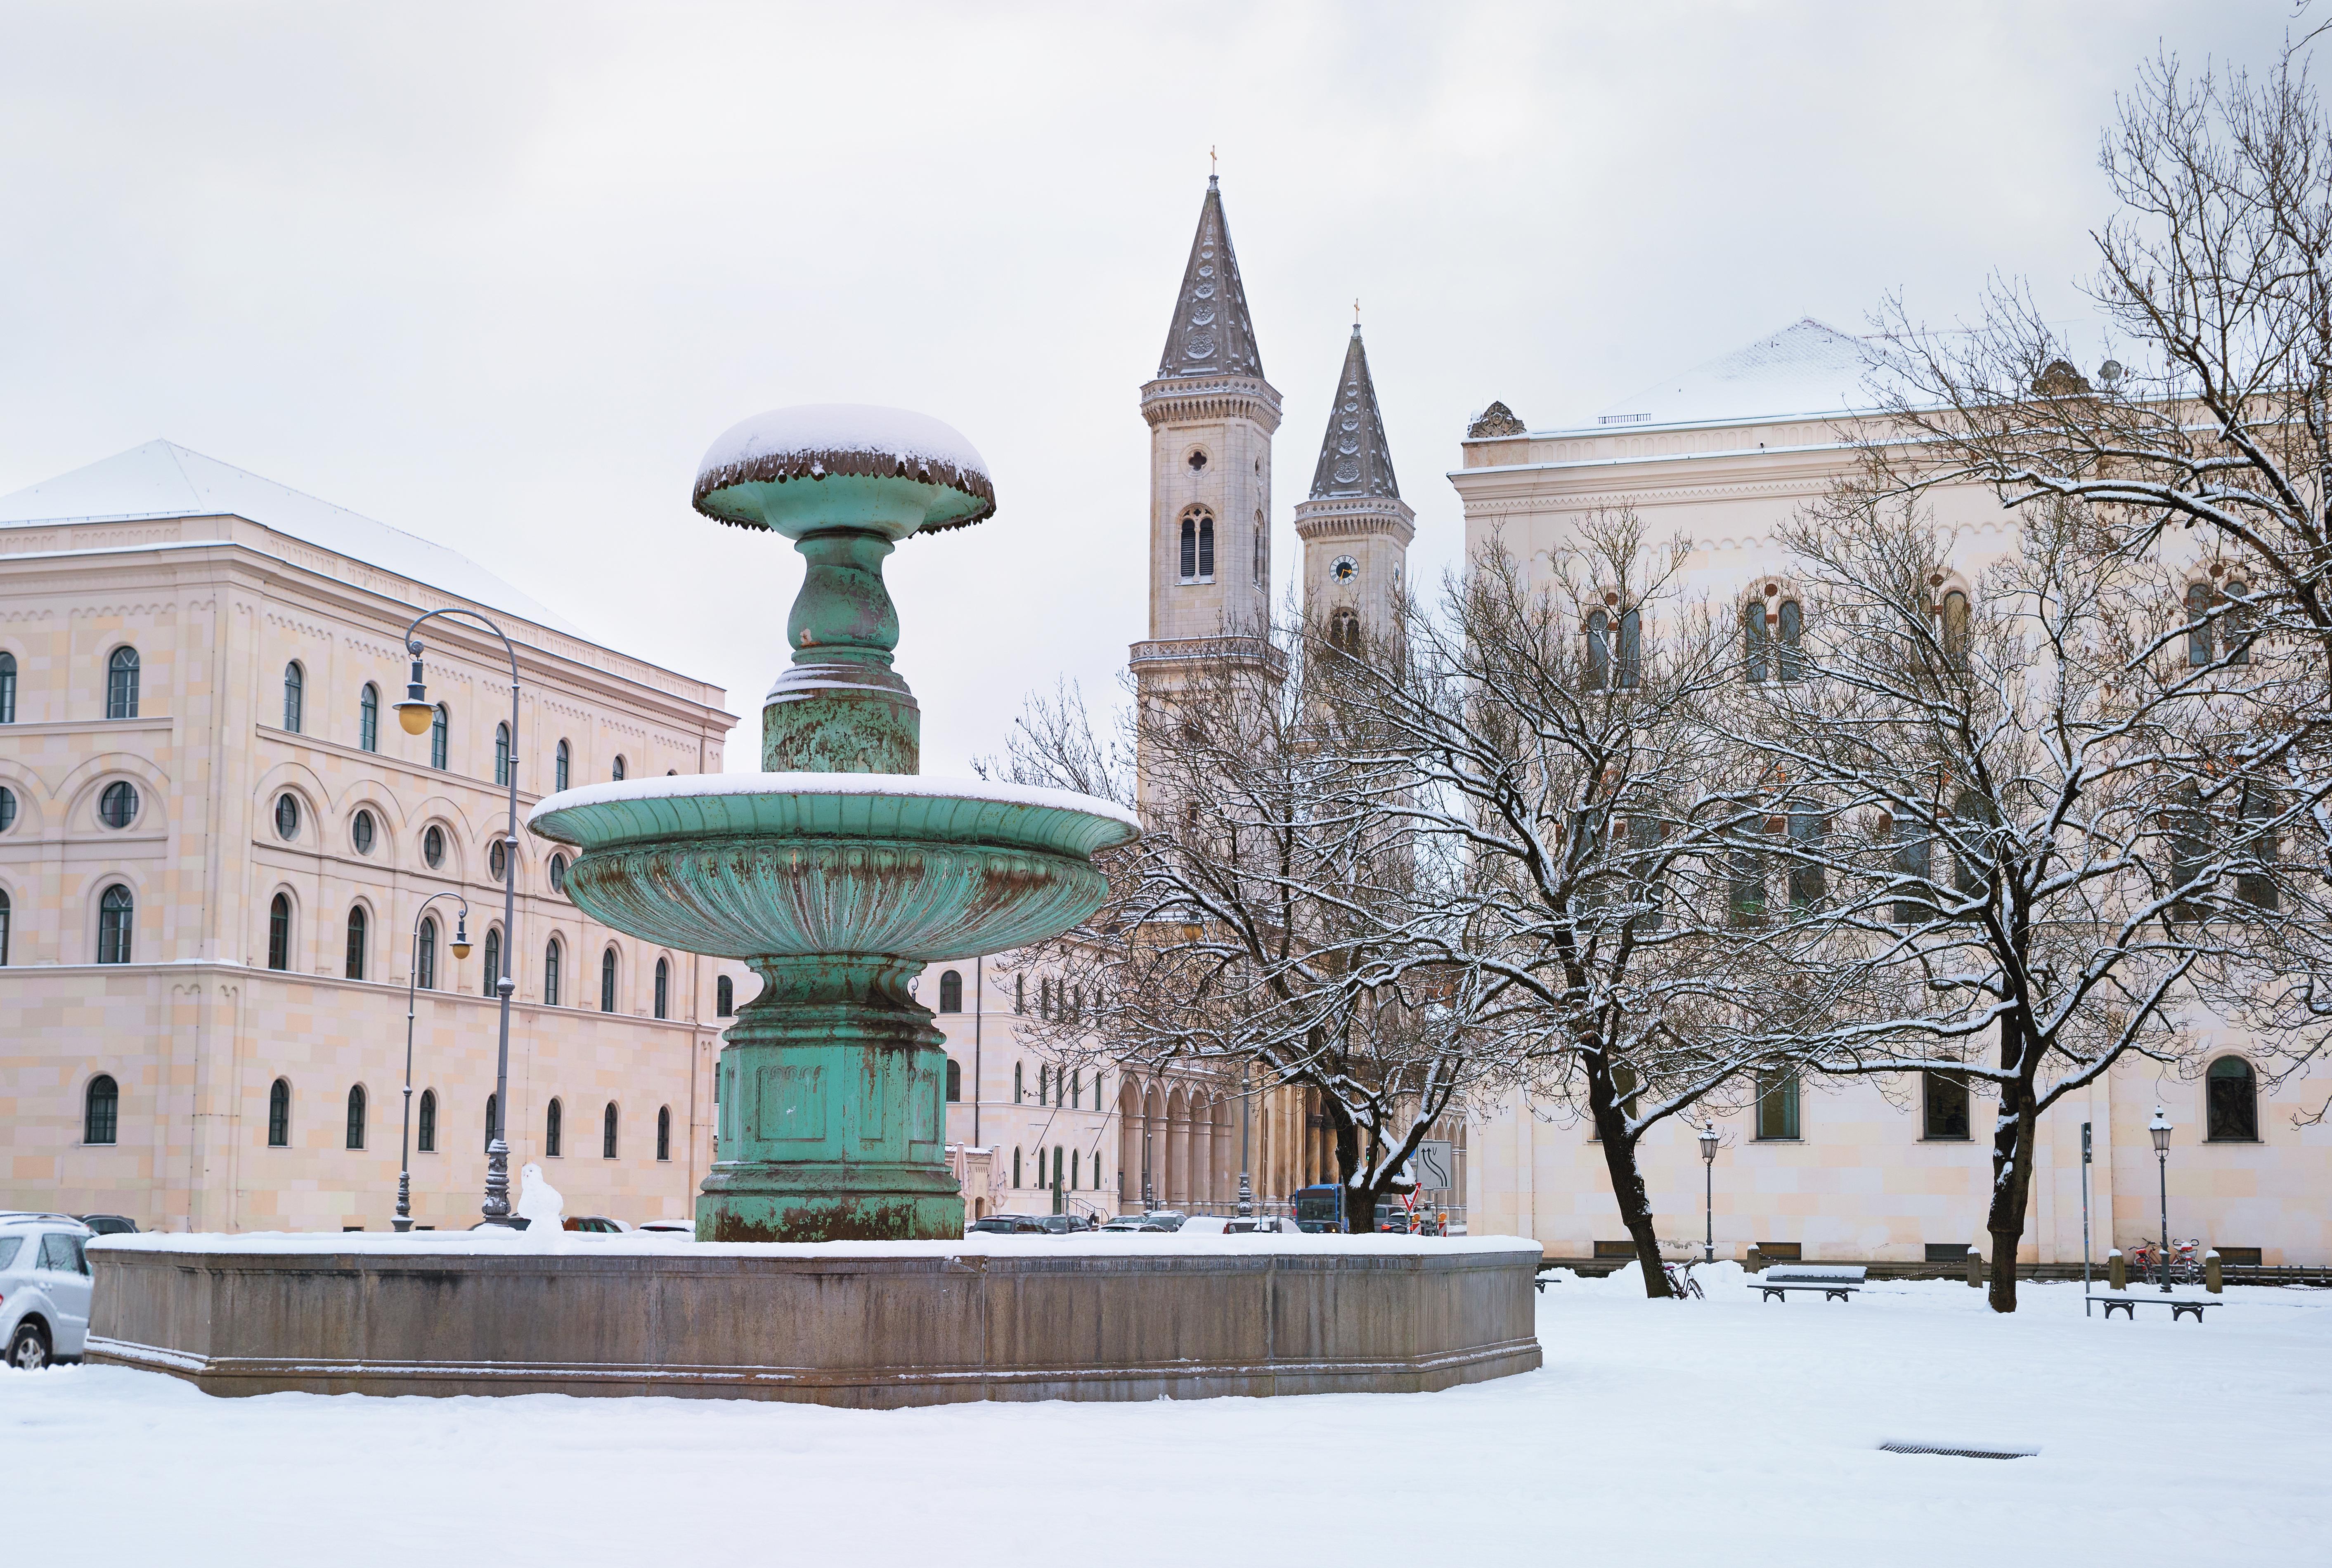 Мюнхенский университет имени Людвига и Максимилиана, в котором иностранцы могут бесплатно обучатся